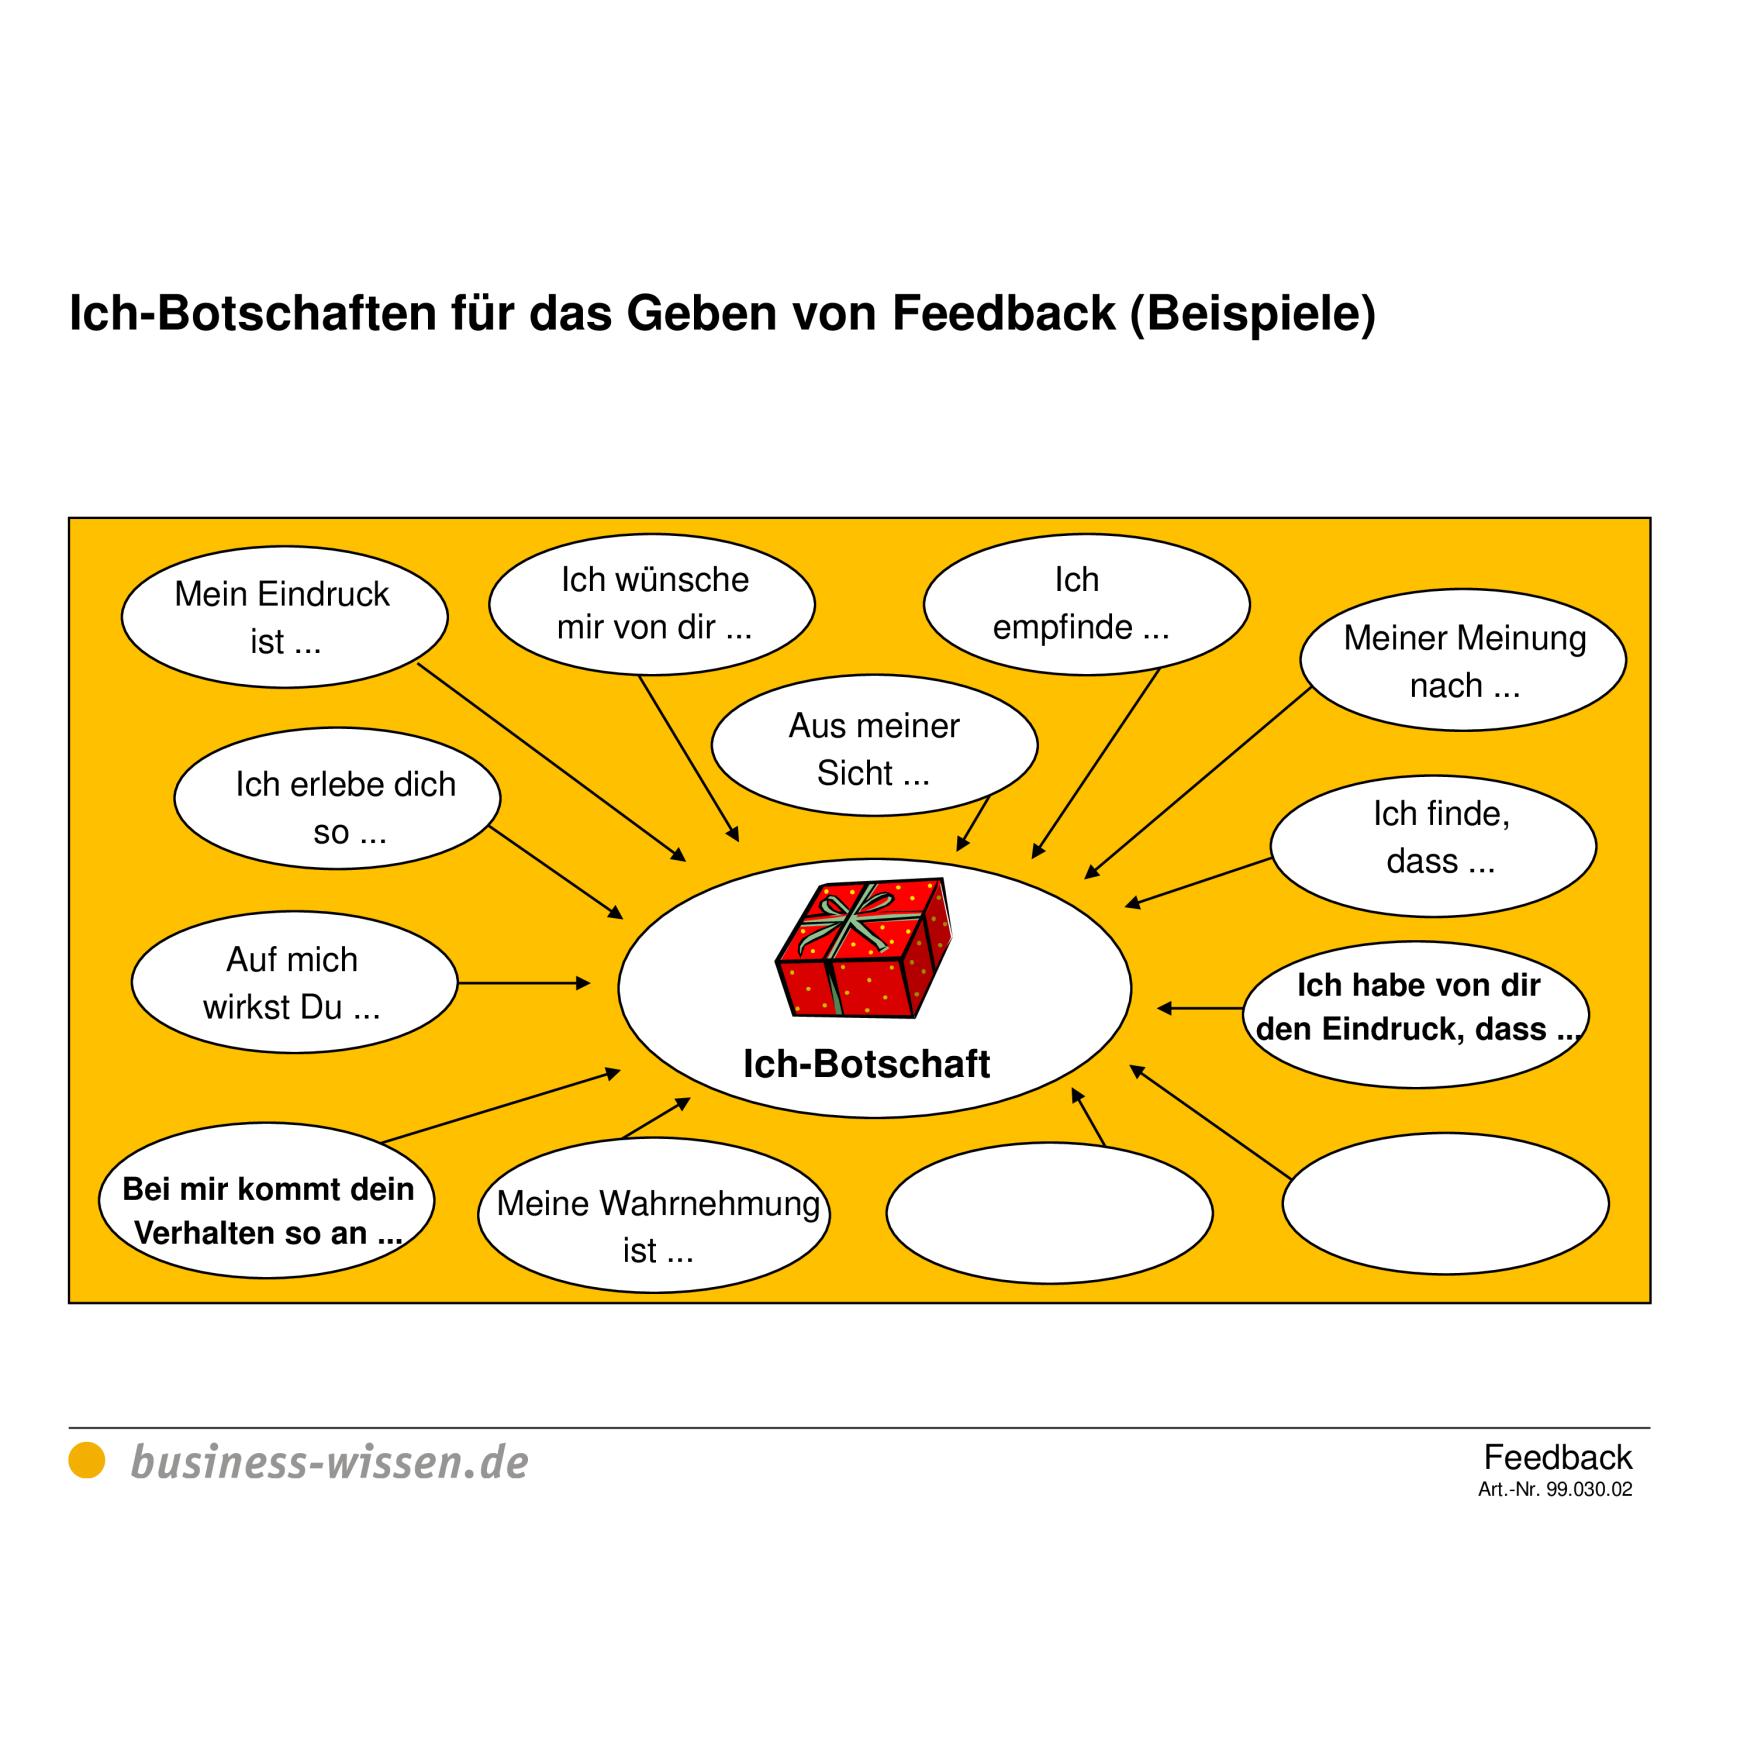 Beispiele Ich Botschaften Fur Das Geben Von Feedback Checkliste Business Wissen De